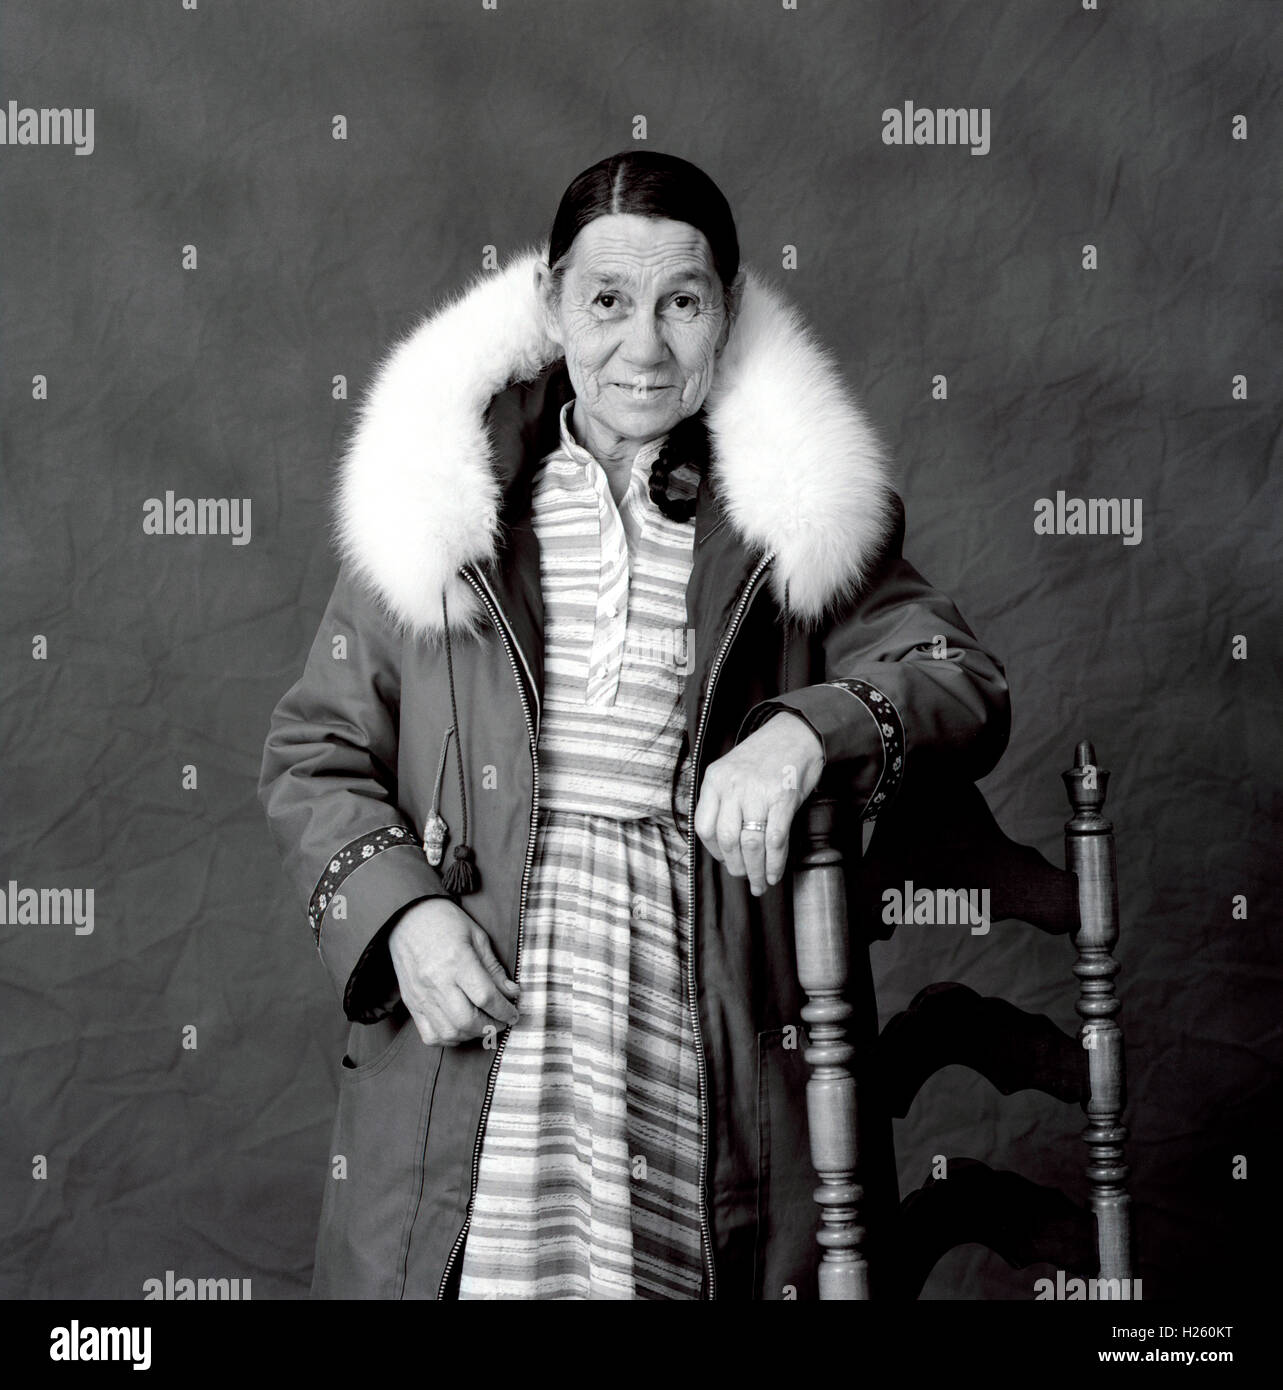 9138484d9998 Schwarzen   weißen Studio-Porträt einer Inuit-Frau tragen traditionellen  Kleidung, Iqaluit,